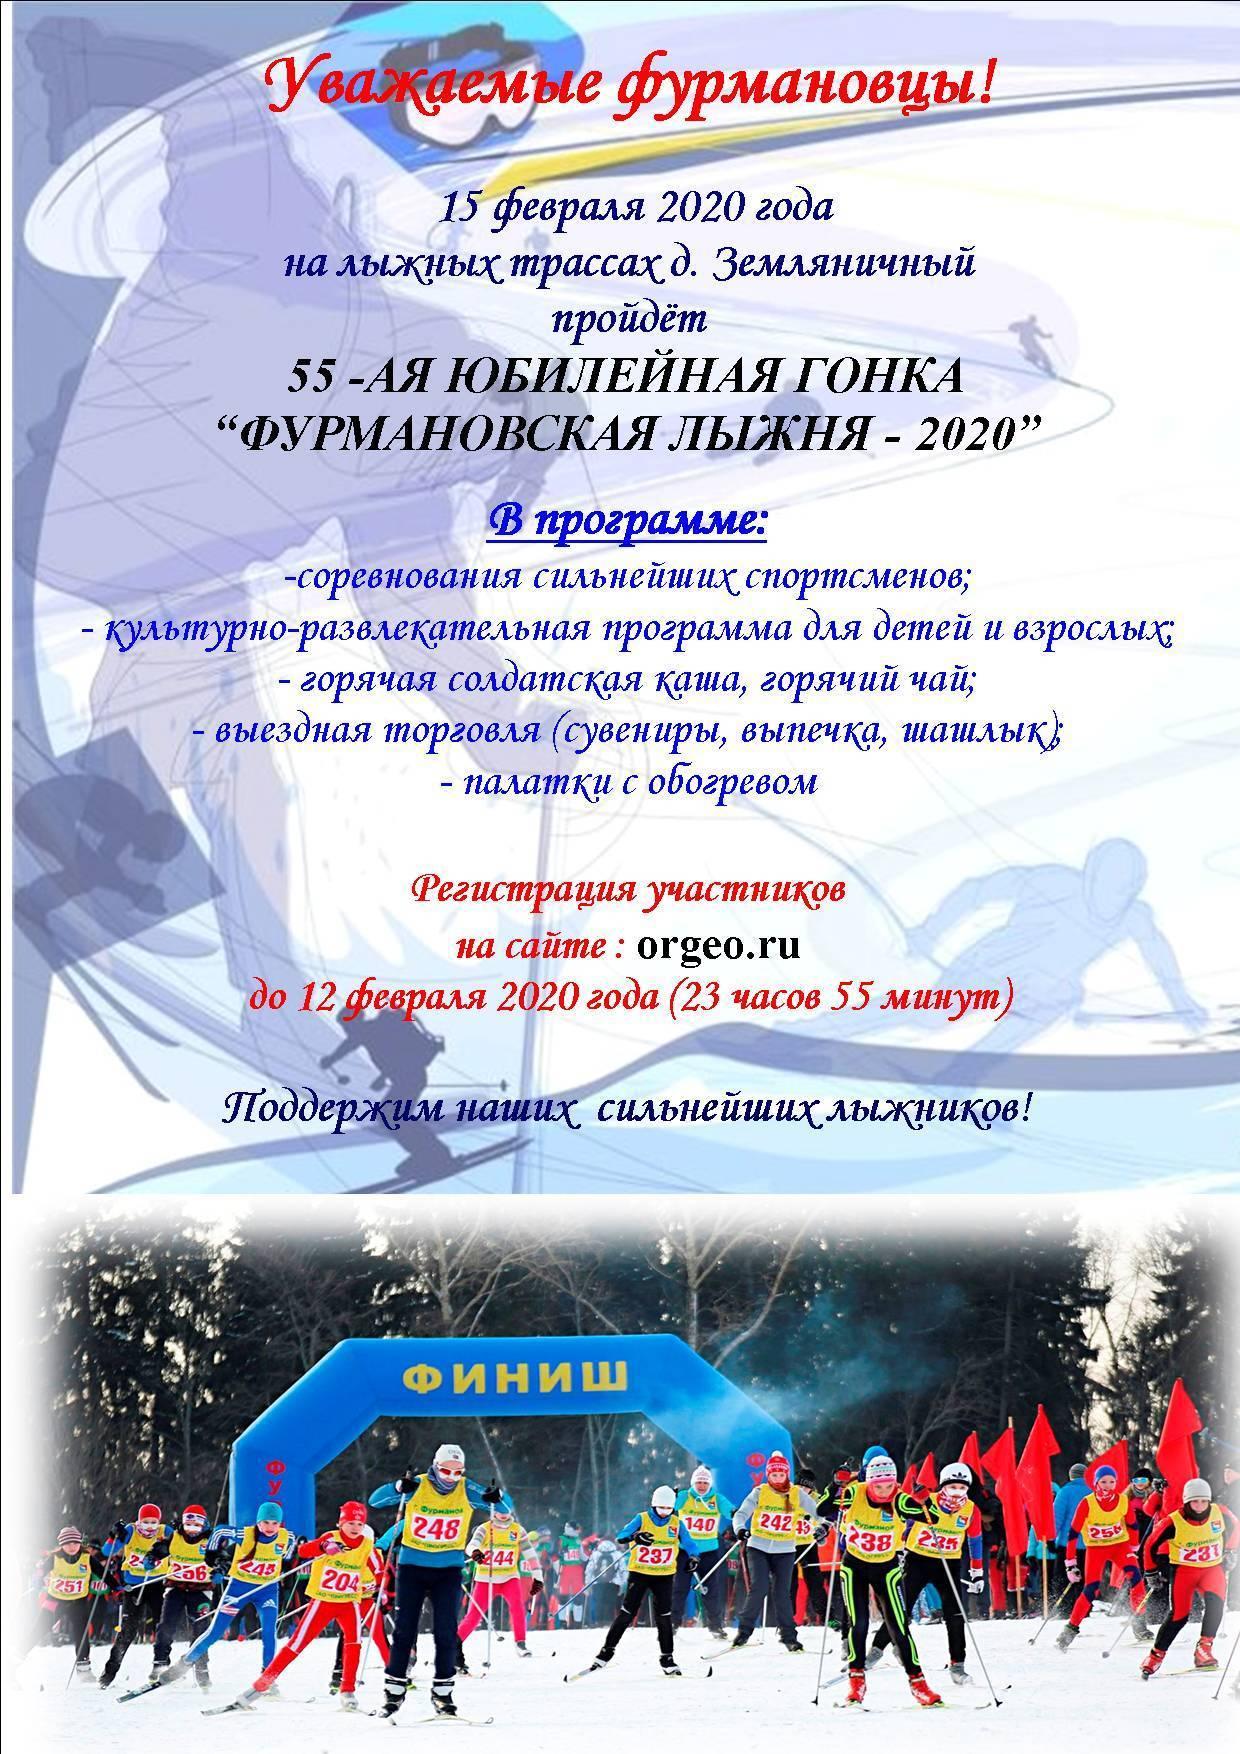 Программа соревнований по лыжным гонкам Фурмановская лыжня 2020